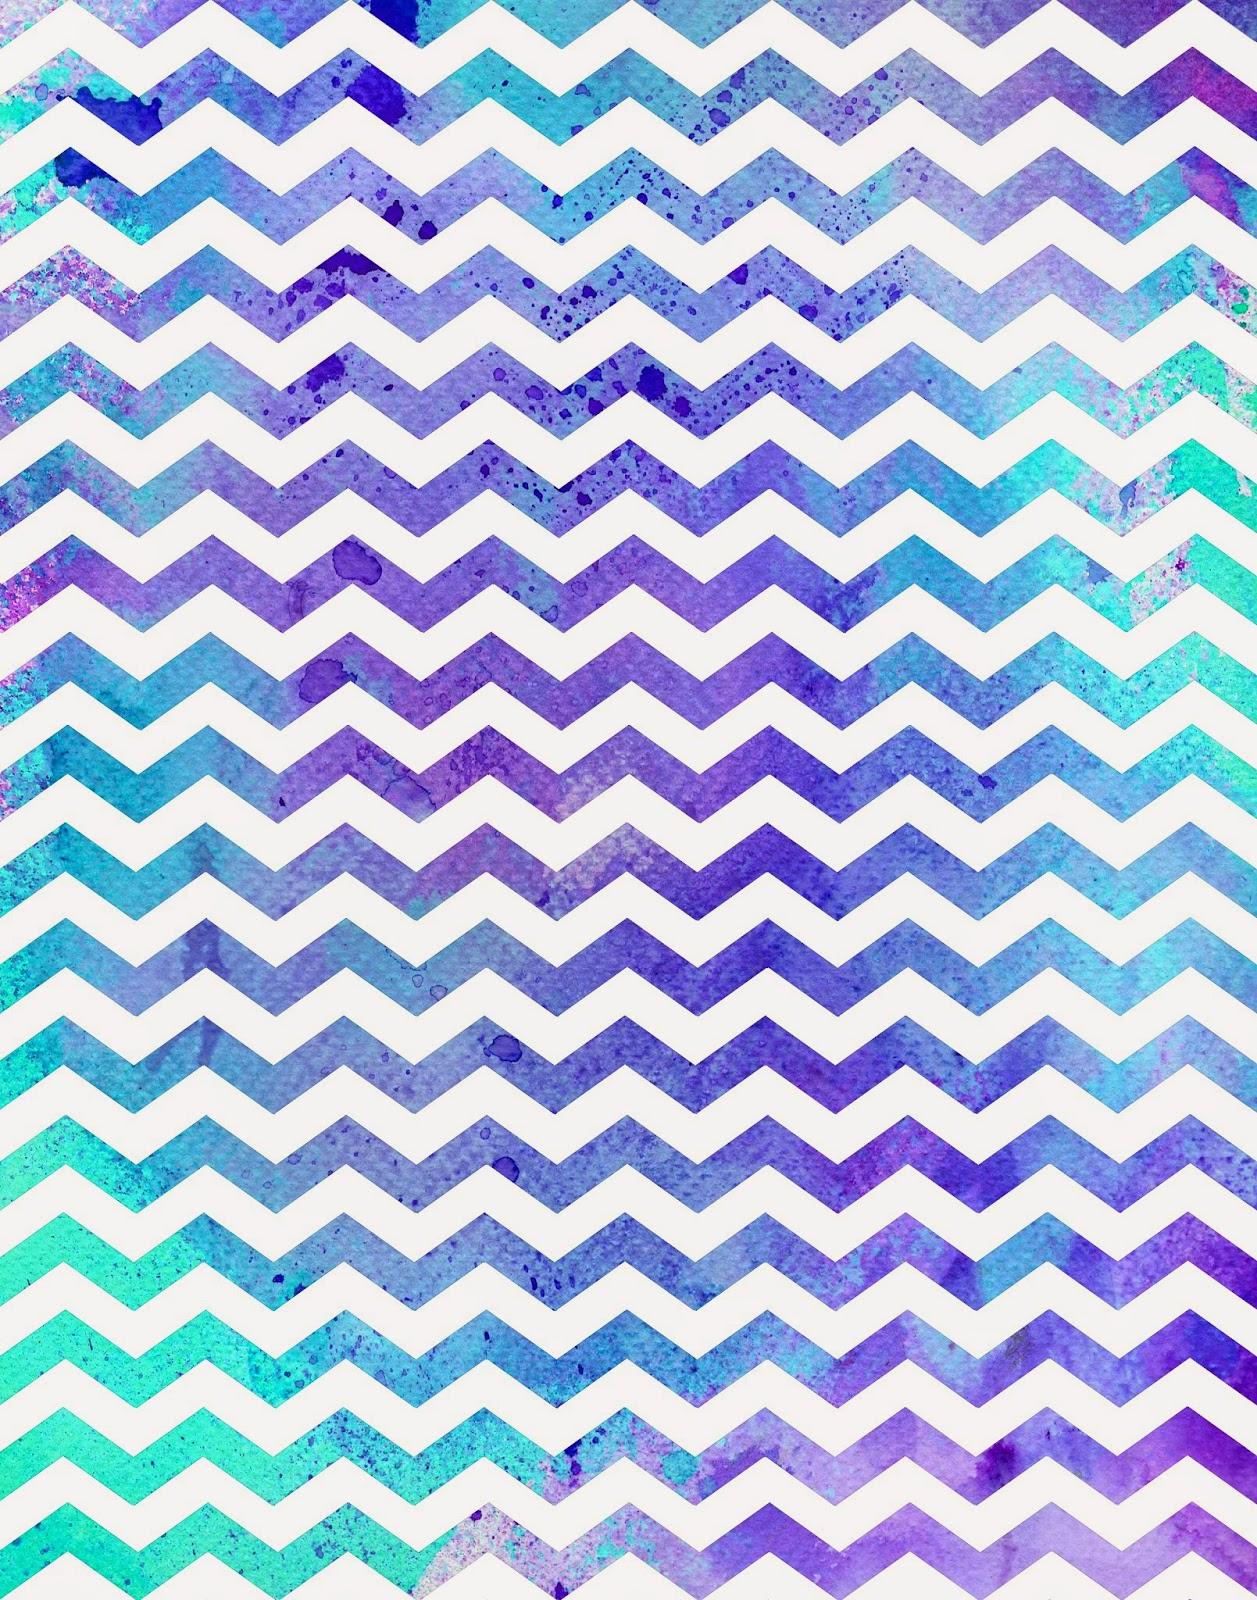 the gallery for purple chevron wallpaper hd